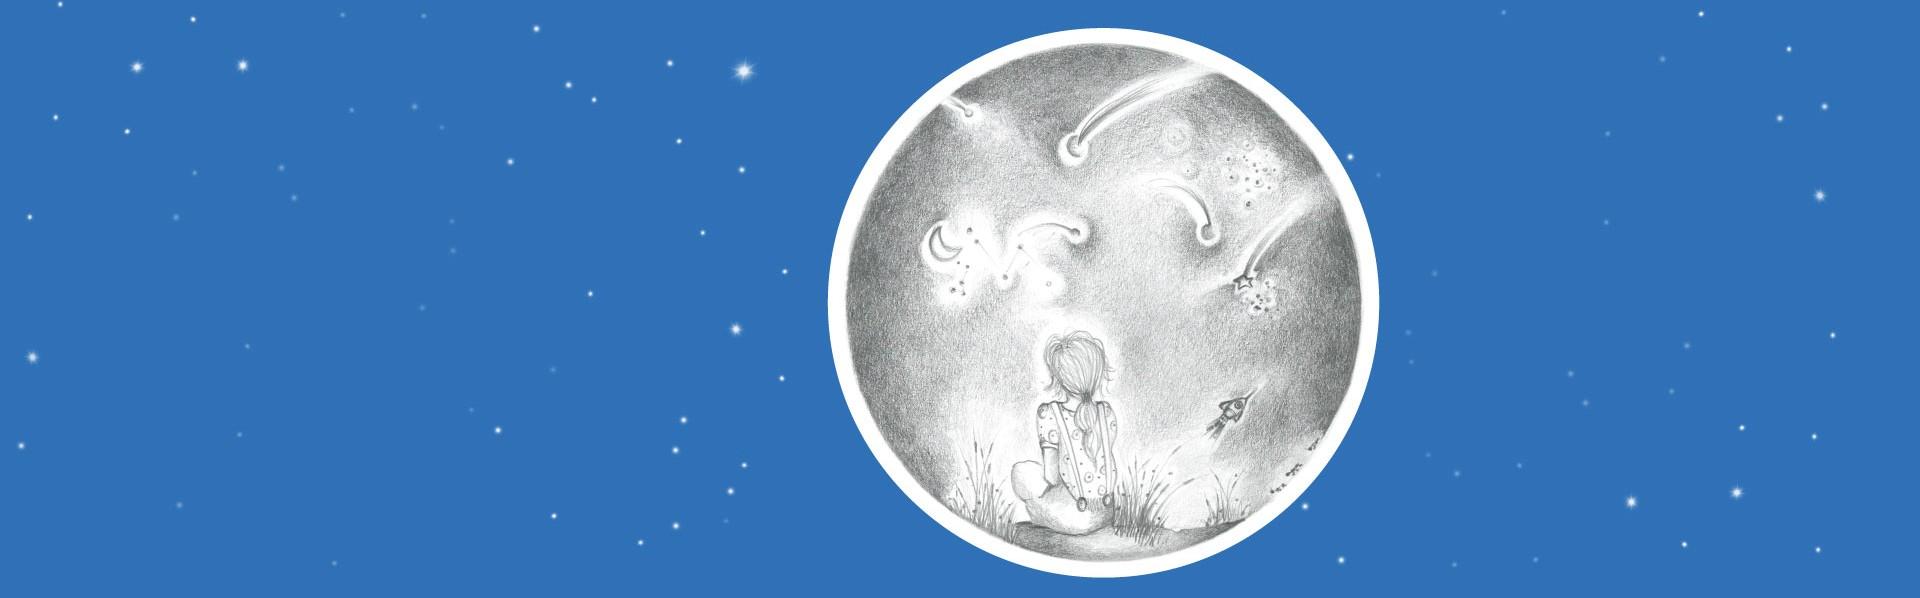 El inmenso Universo de María Chiquita